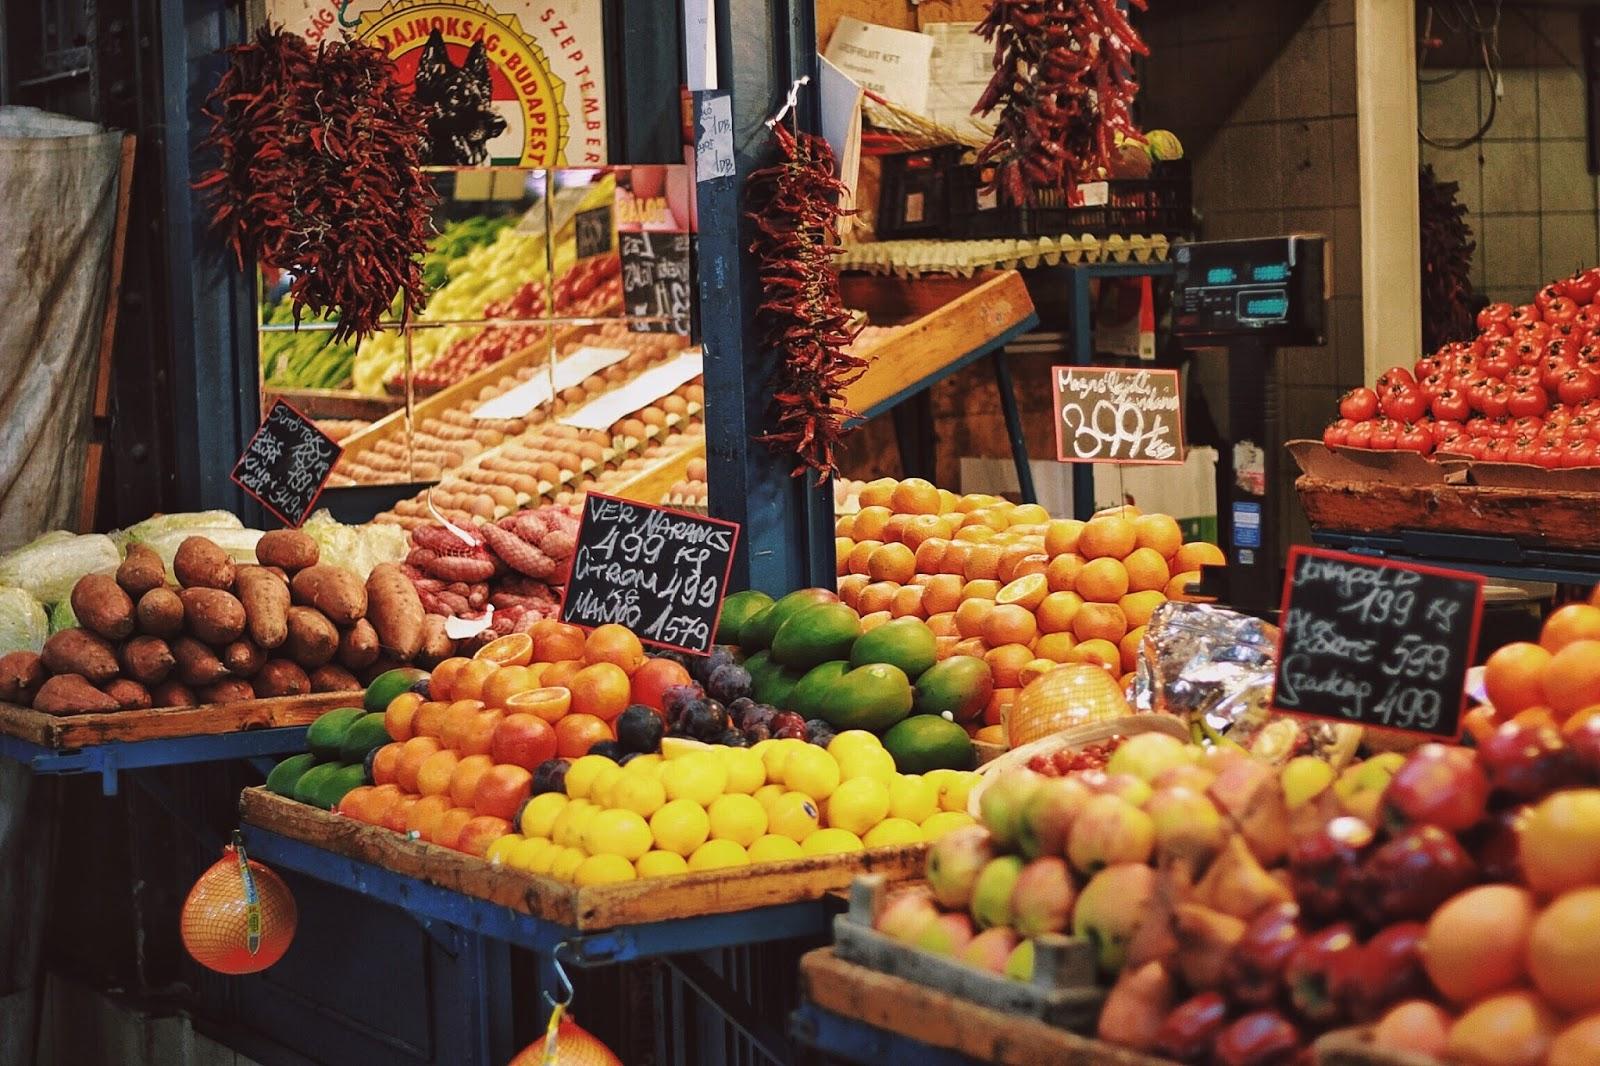 lifesthayle-budapest-great-market-hall-fruits.JPG